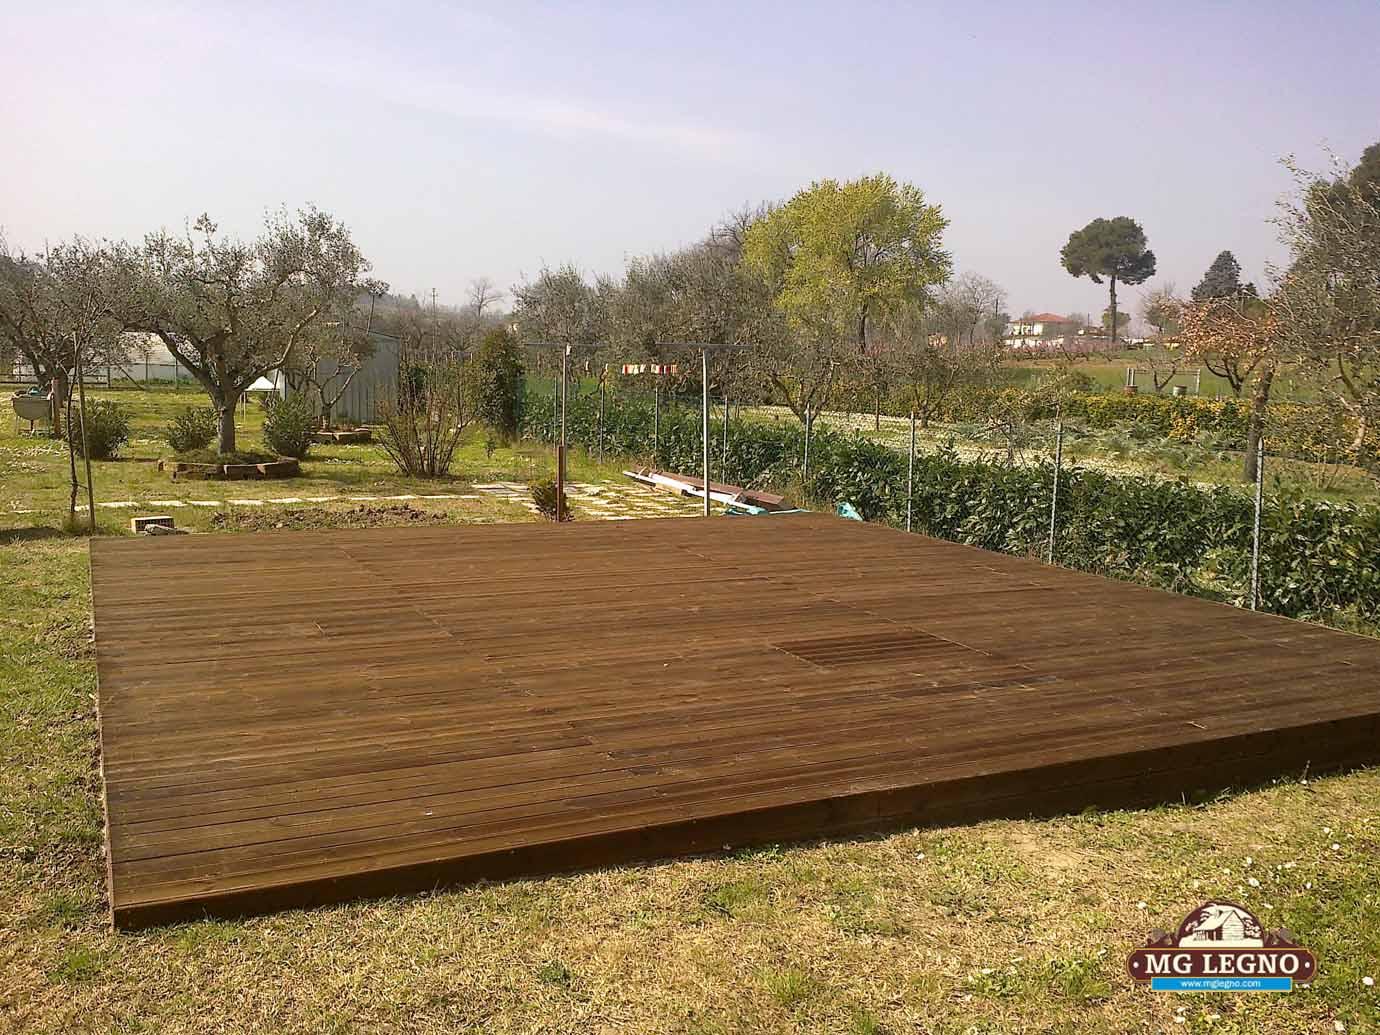 Pedana Di Legno Per Giardino pedana | mg legno